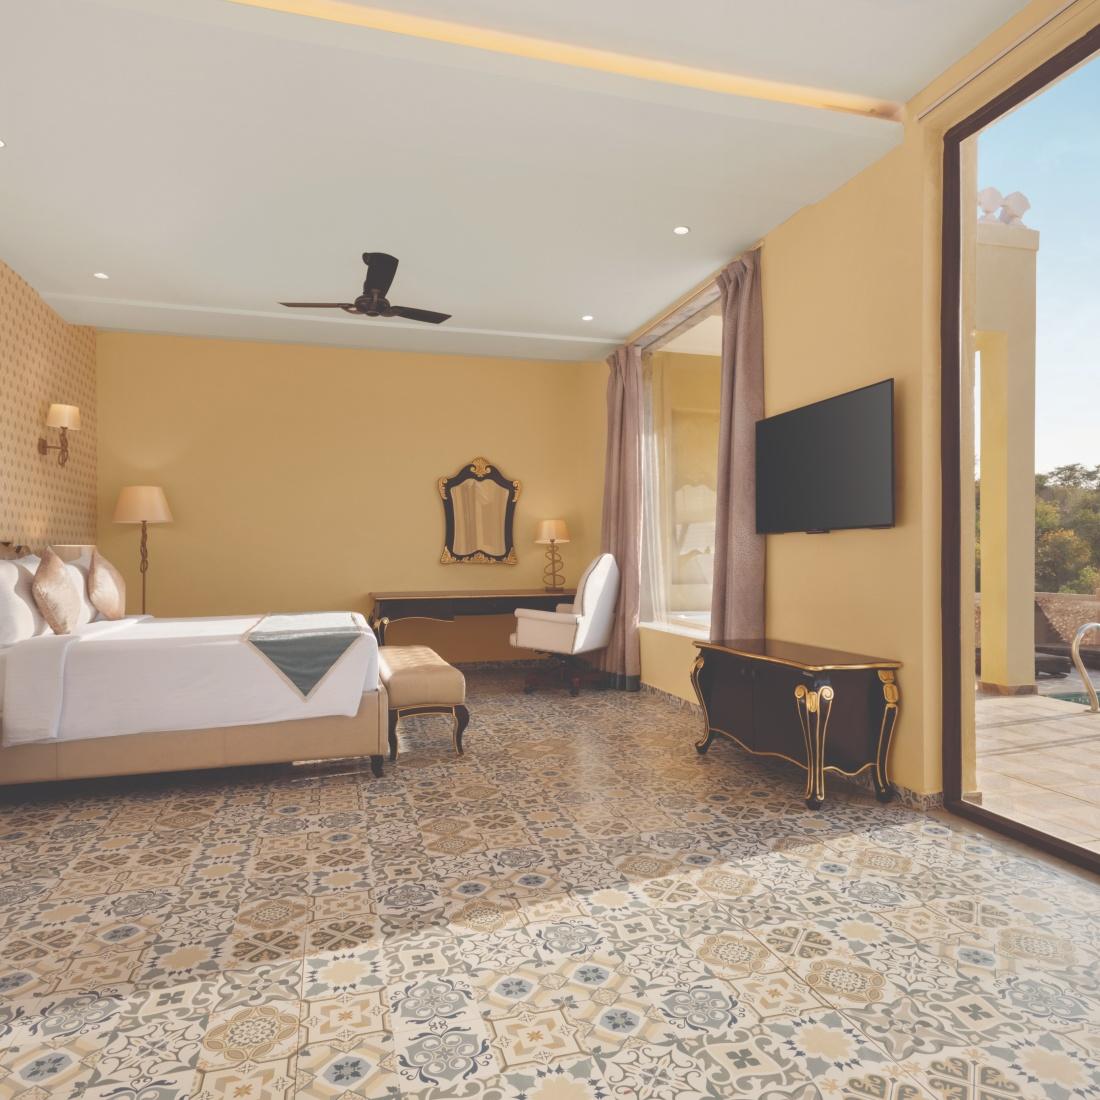 King room at Raajsa Resort Kumbhalgarh